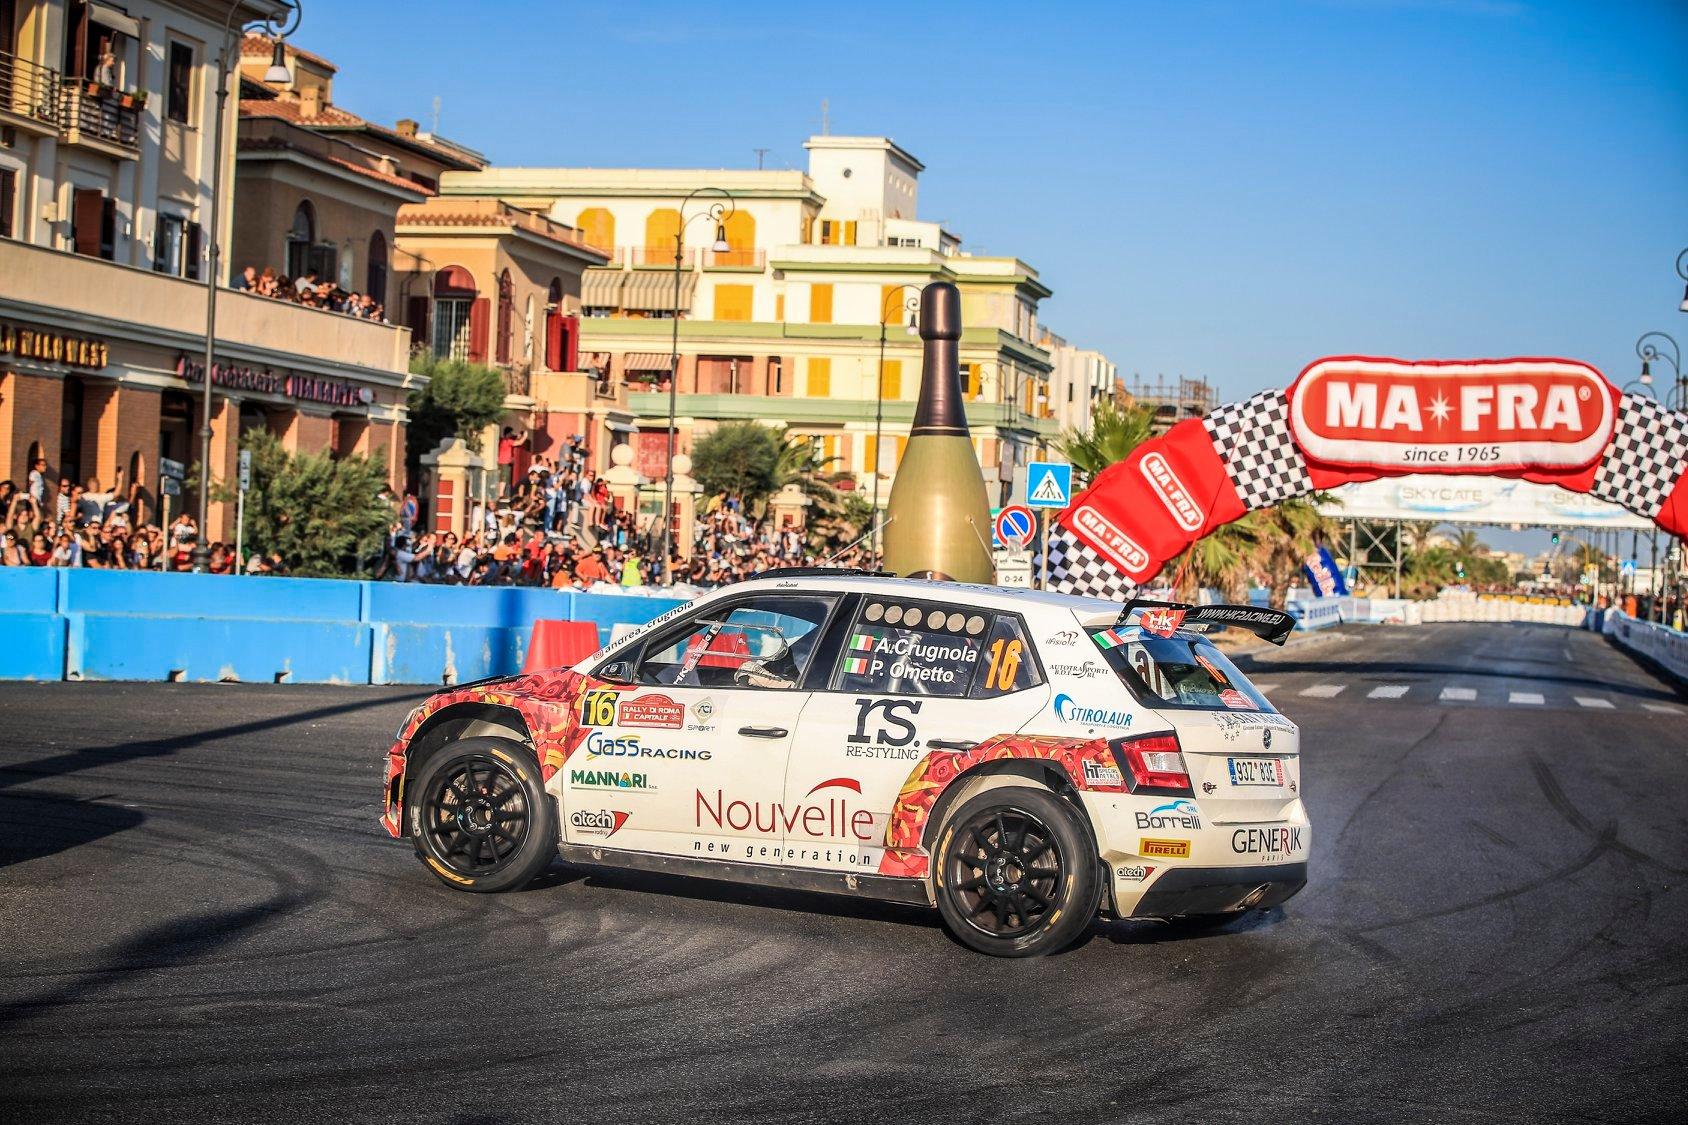 źródło; FIA ERC  |  Andrea Crugnola na ostatnim odcinku, w drodze po 3 miejsce